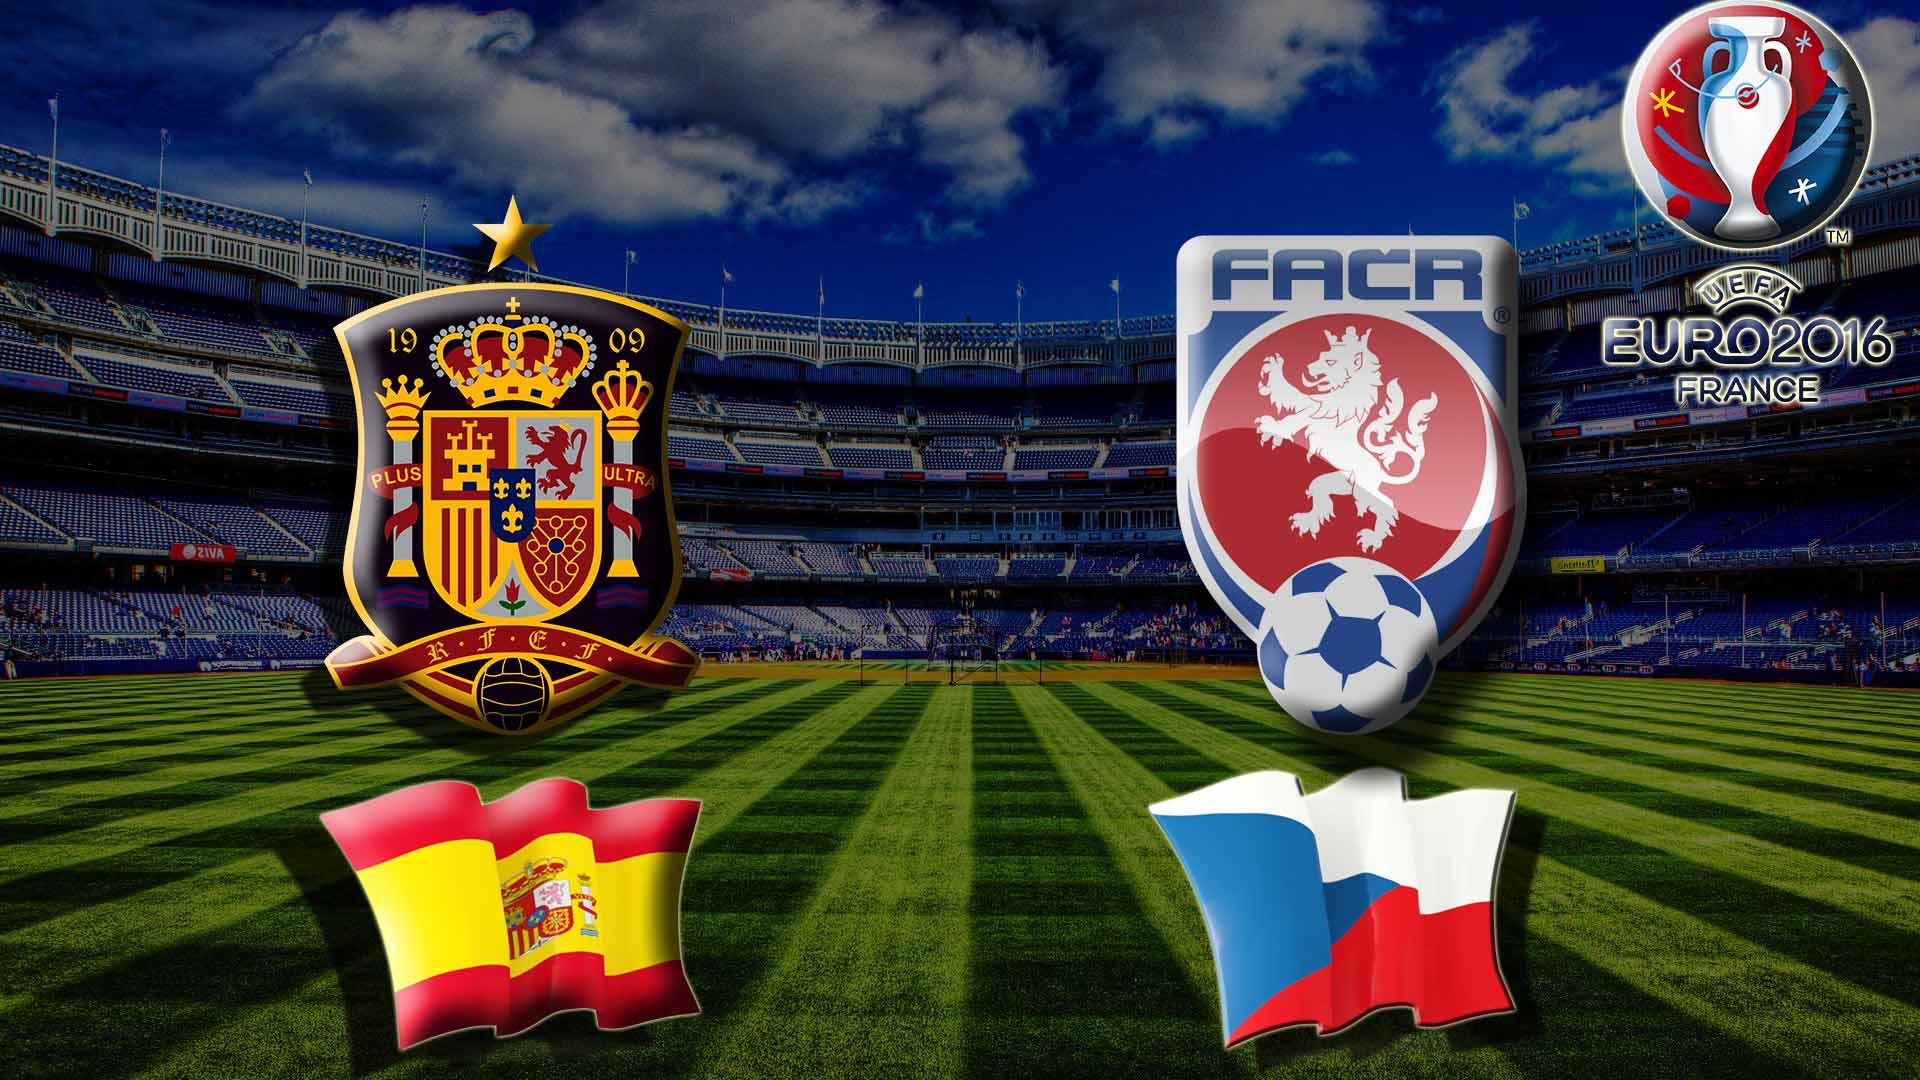 Прогноз на матч Испания - Чехия Чемпионата Европы 2016